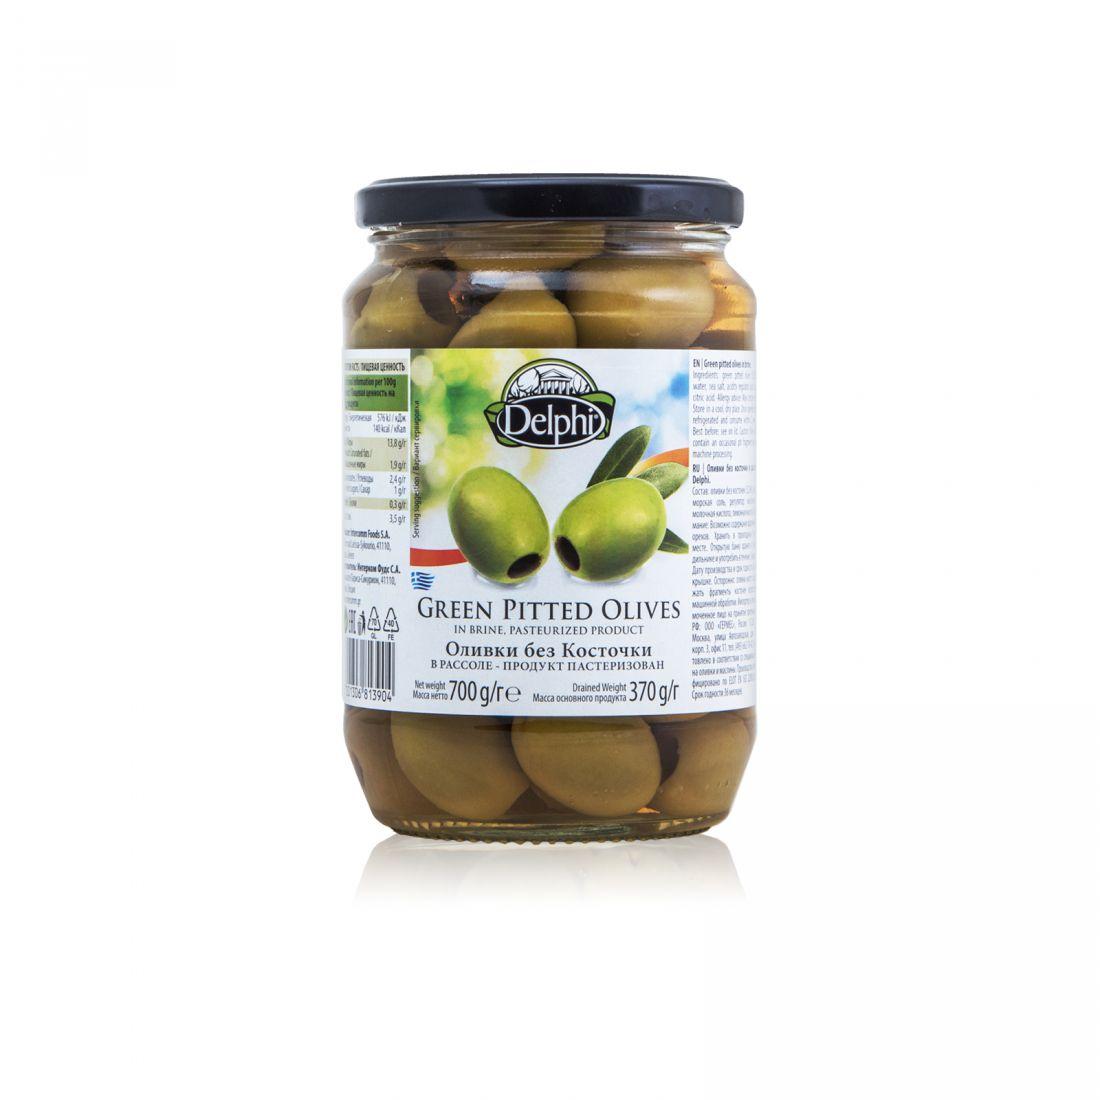 Оливки зеленые Delphi - 700 гр без косточки в рассоле, стекло